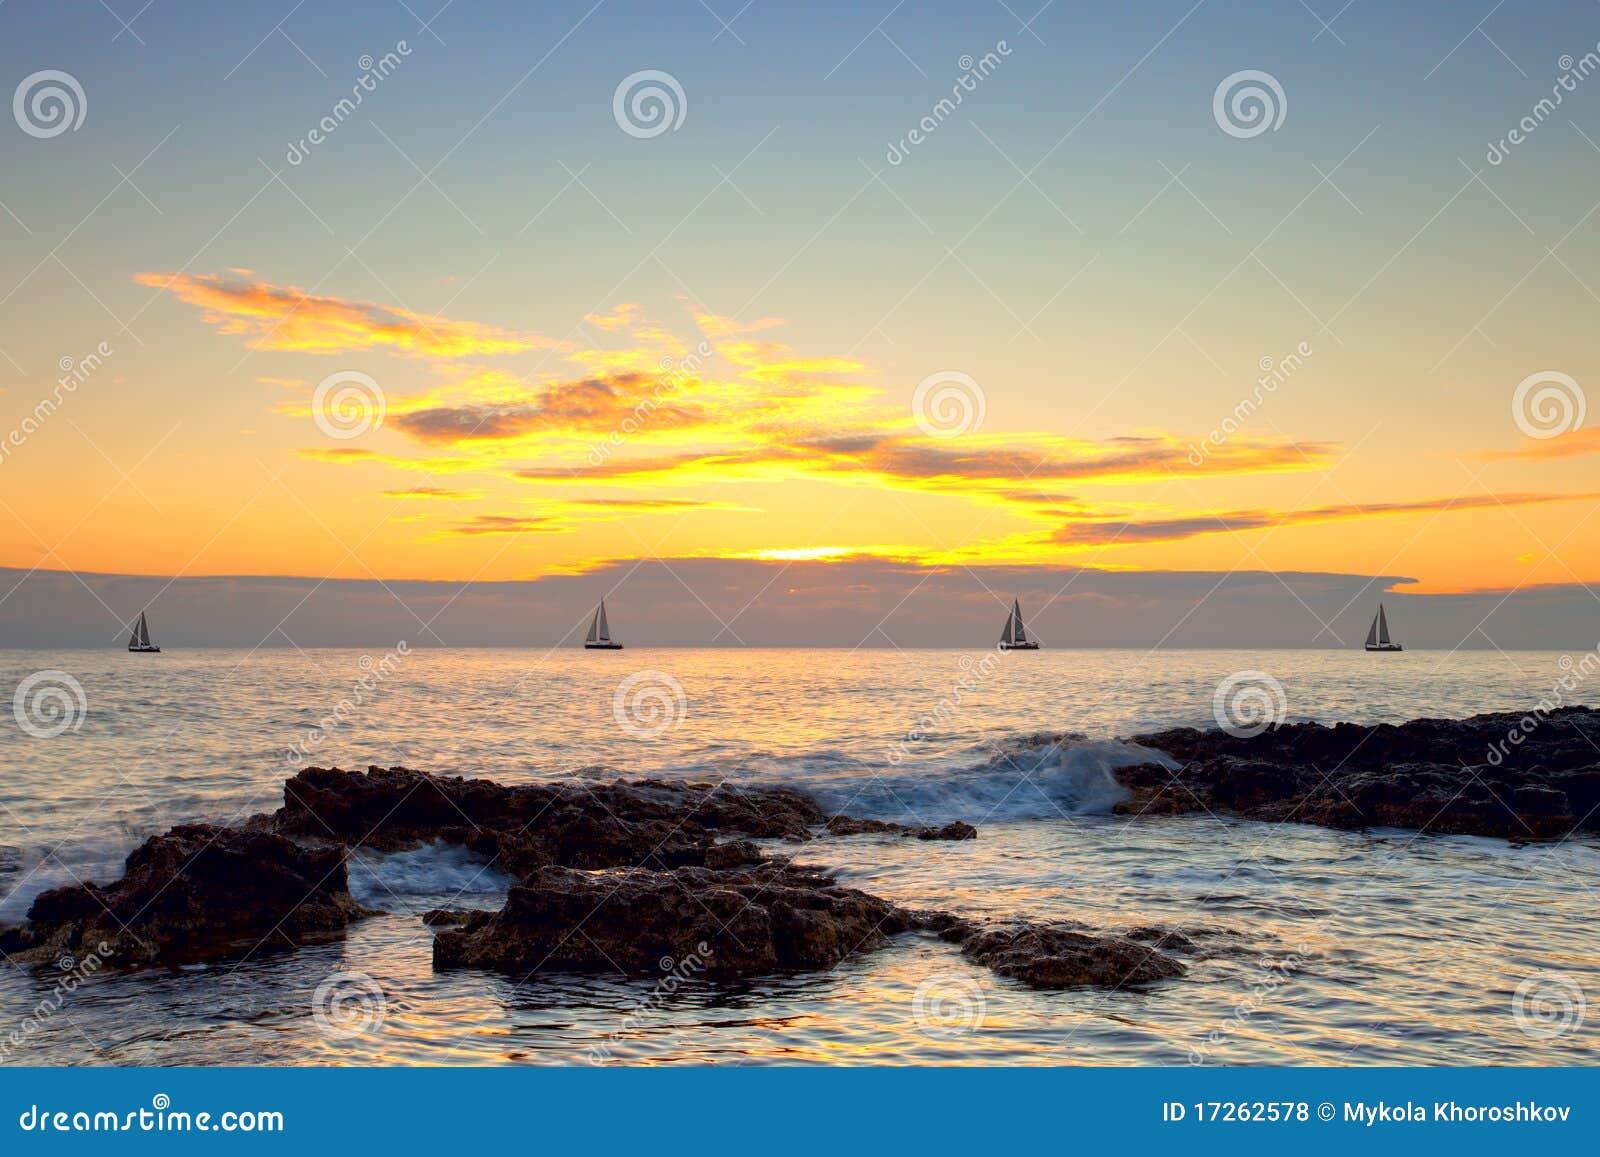 Paysage marin avec des bateaux à voile